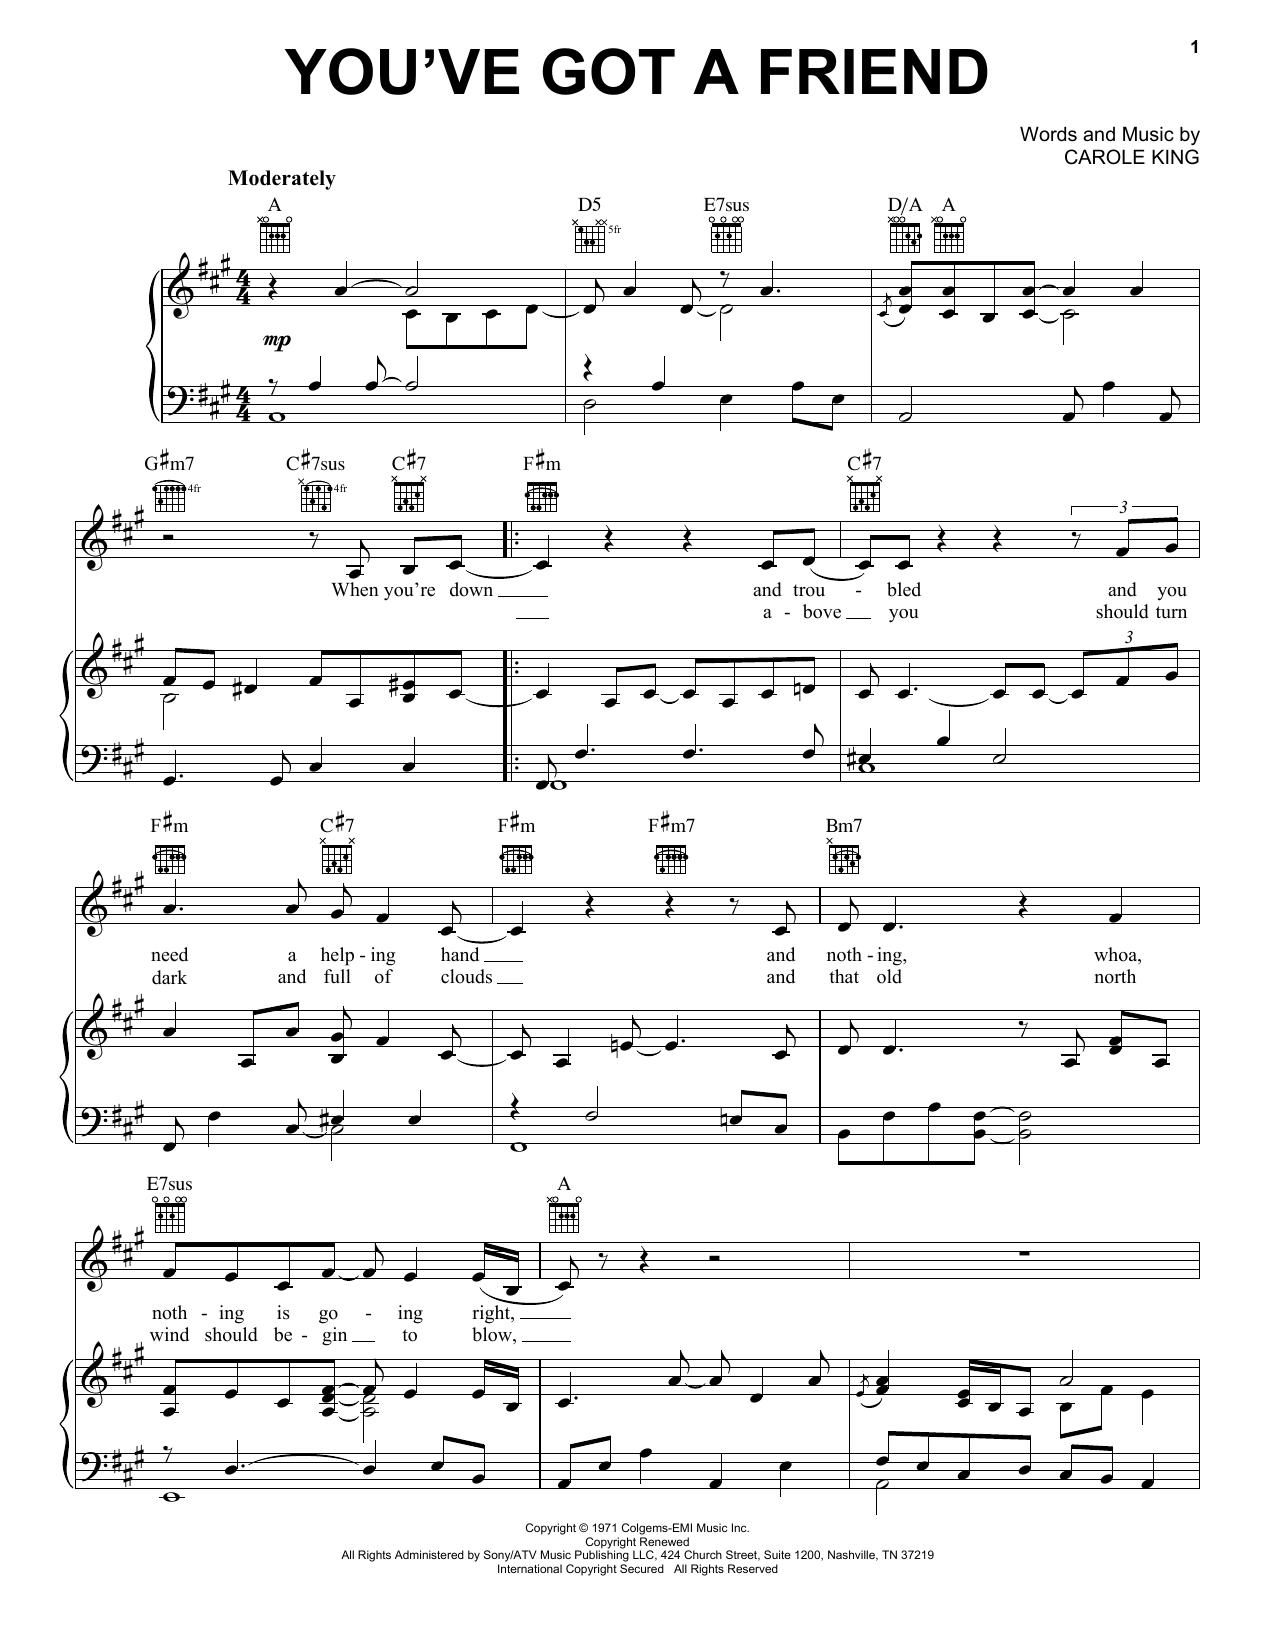 You've Got A Friend sheet music